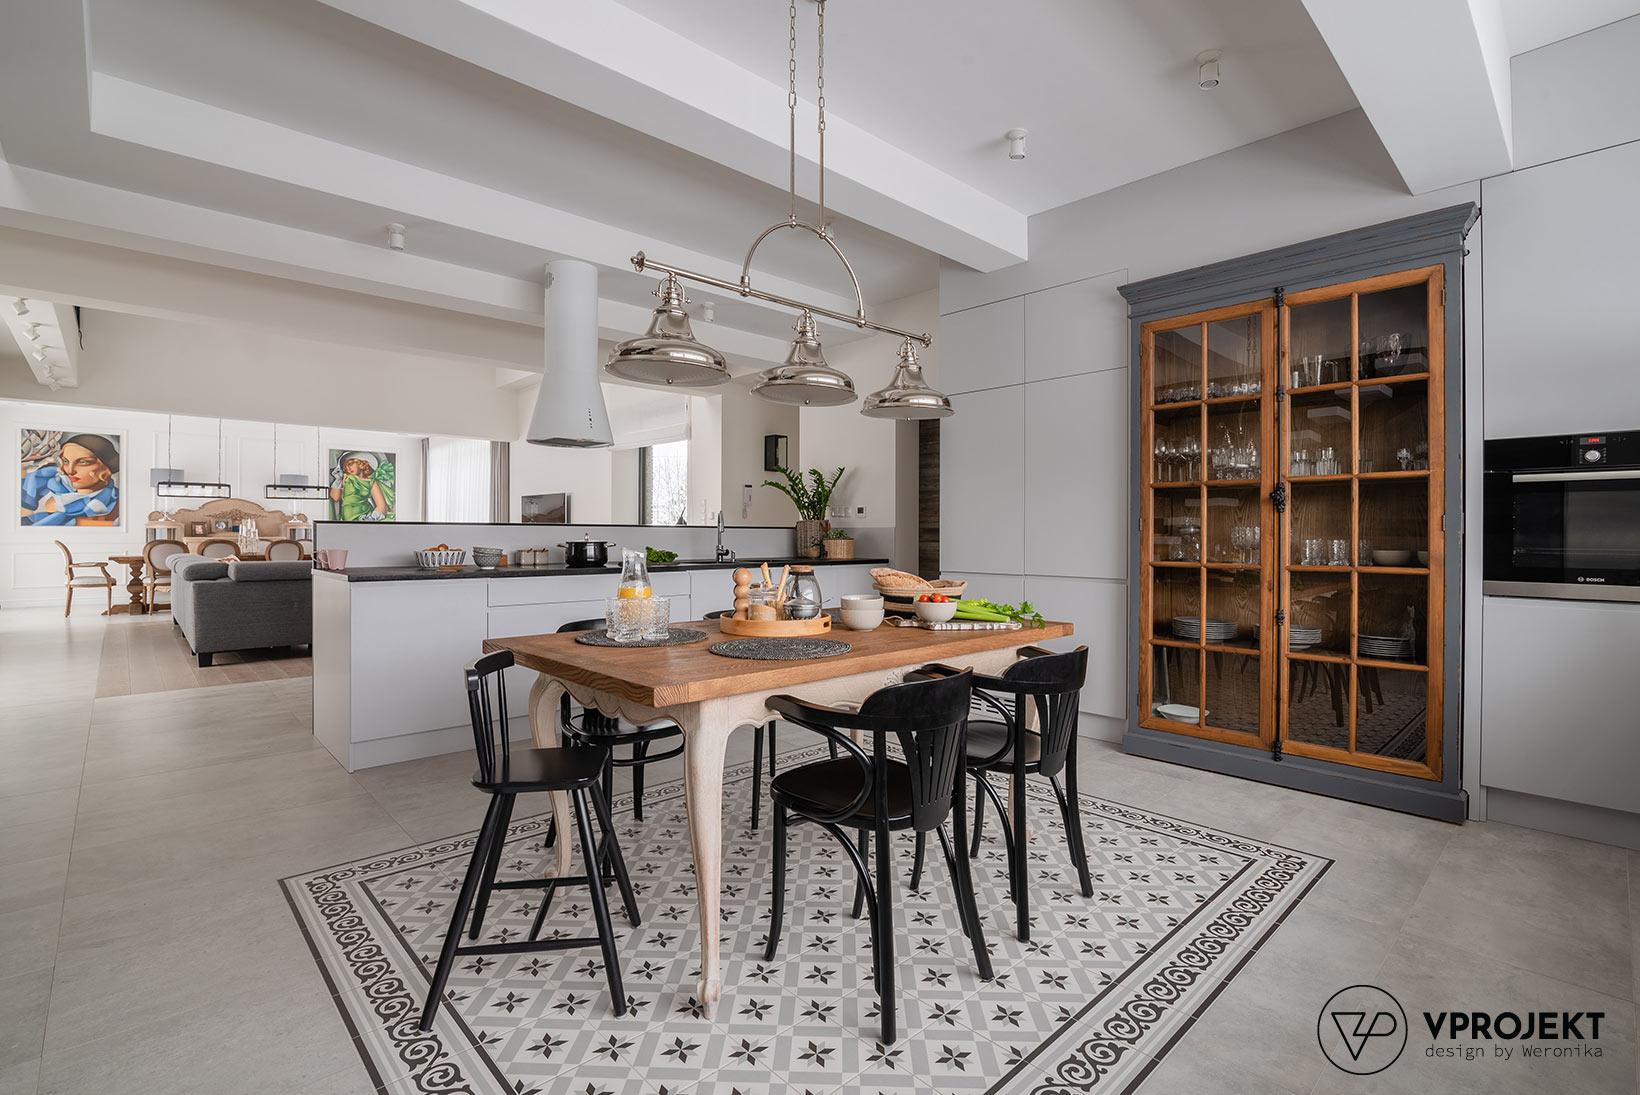 Wnętrze kuchni ze strefą jadalnianą, salon na drugim planie